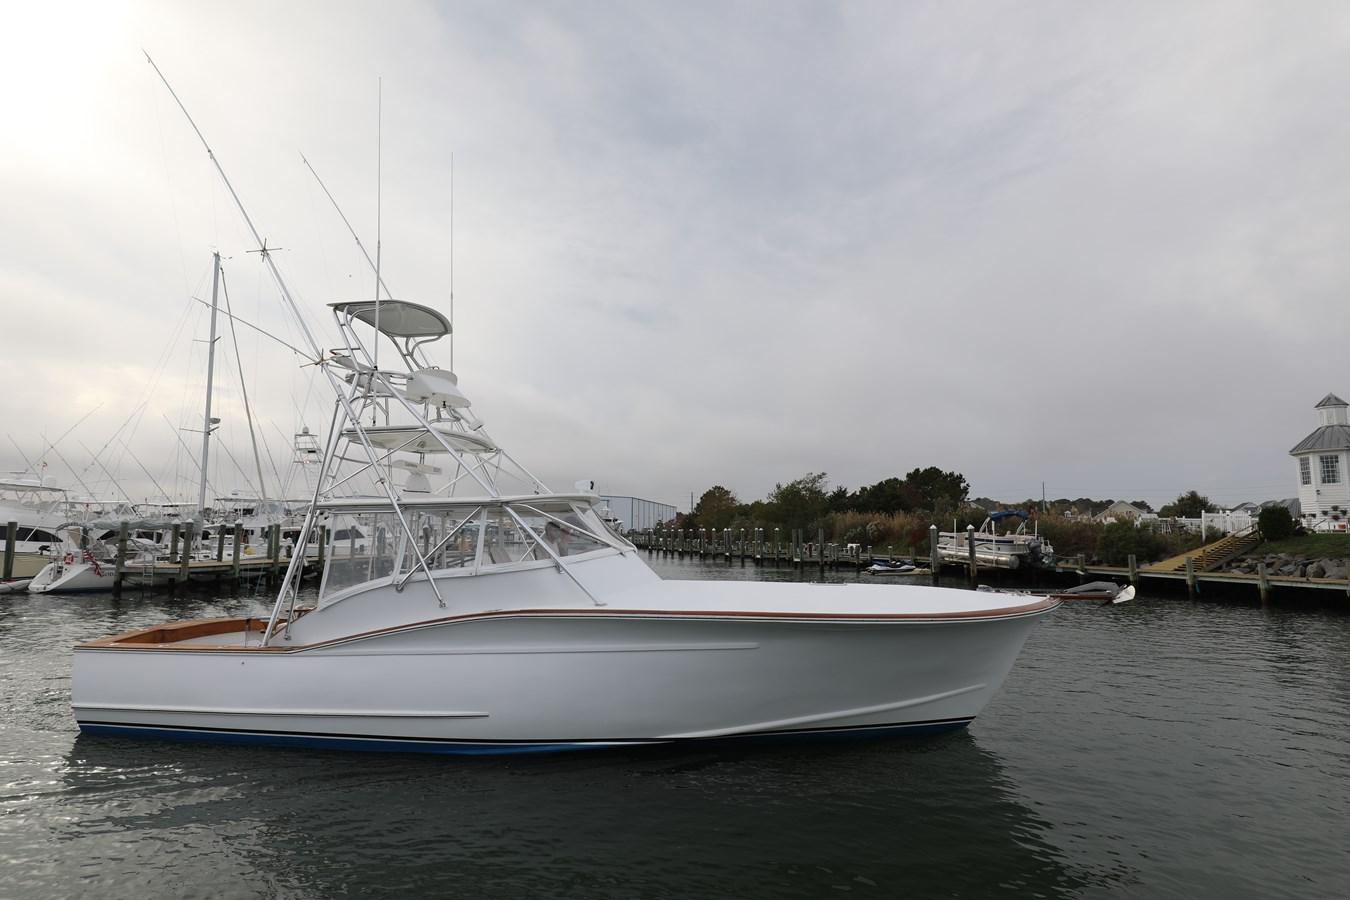 0L7A8842 2008 GILLIKIN  Sport Fisherman 2753168